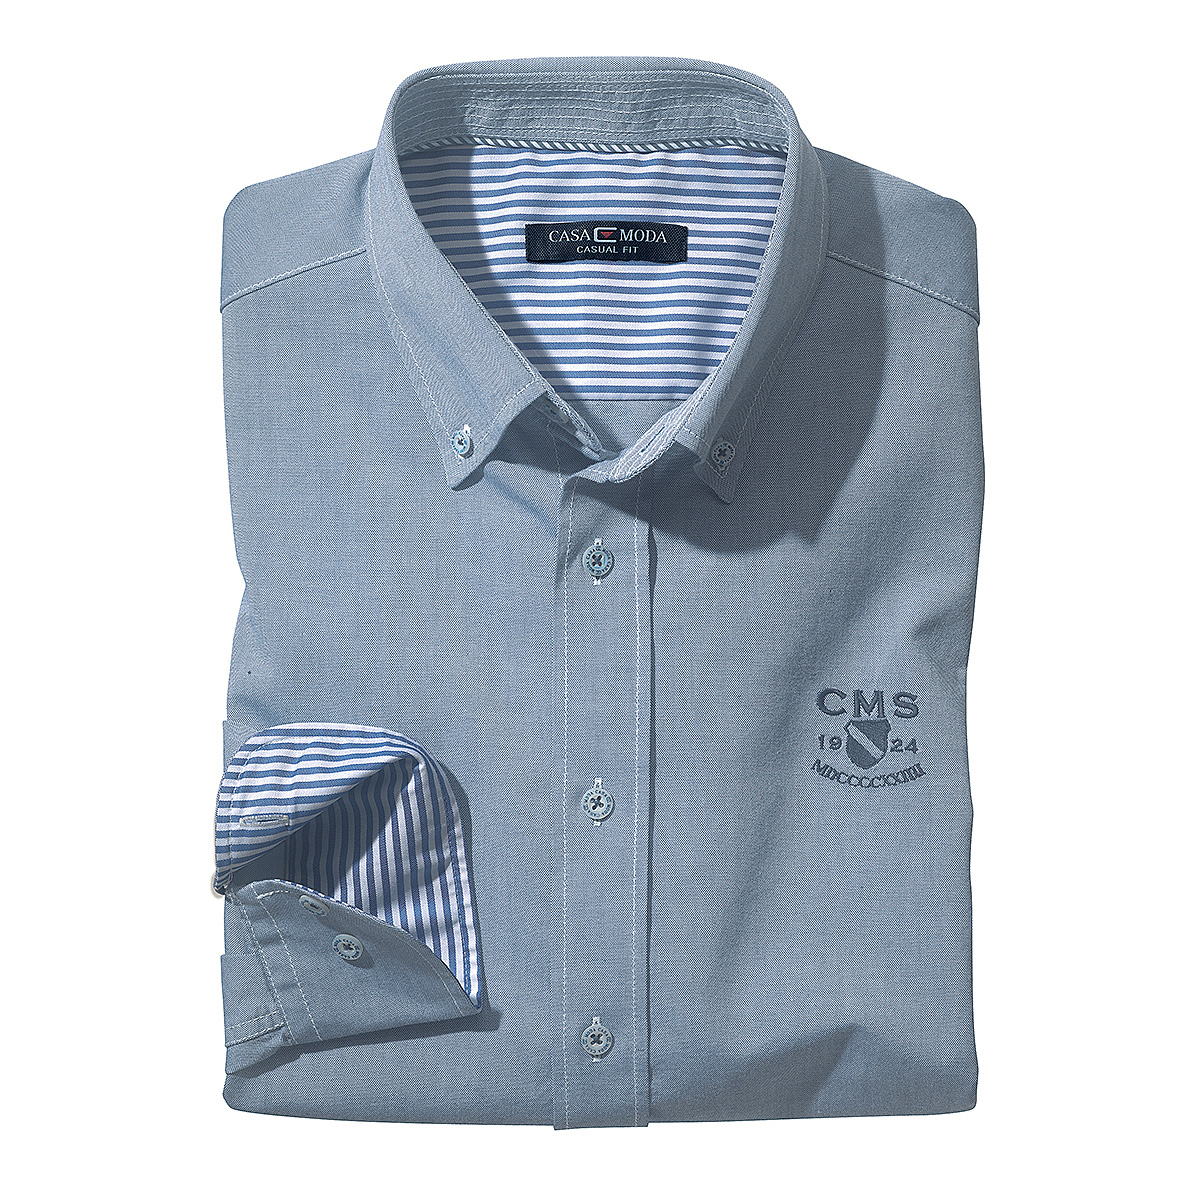 size 40 b579c fef87 Casa Moda | Herrenhemd mit Button down Kragen | Oxford uni